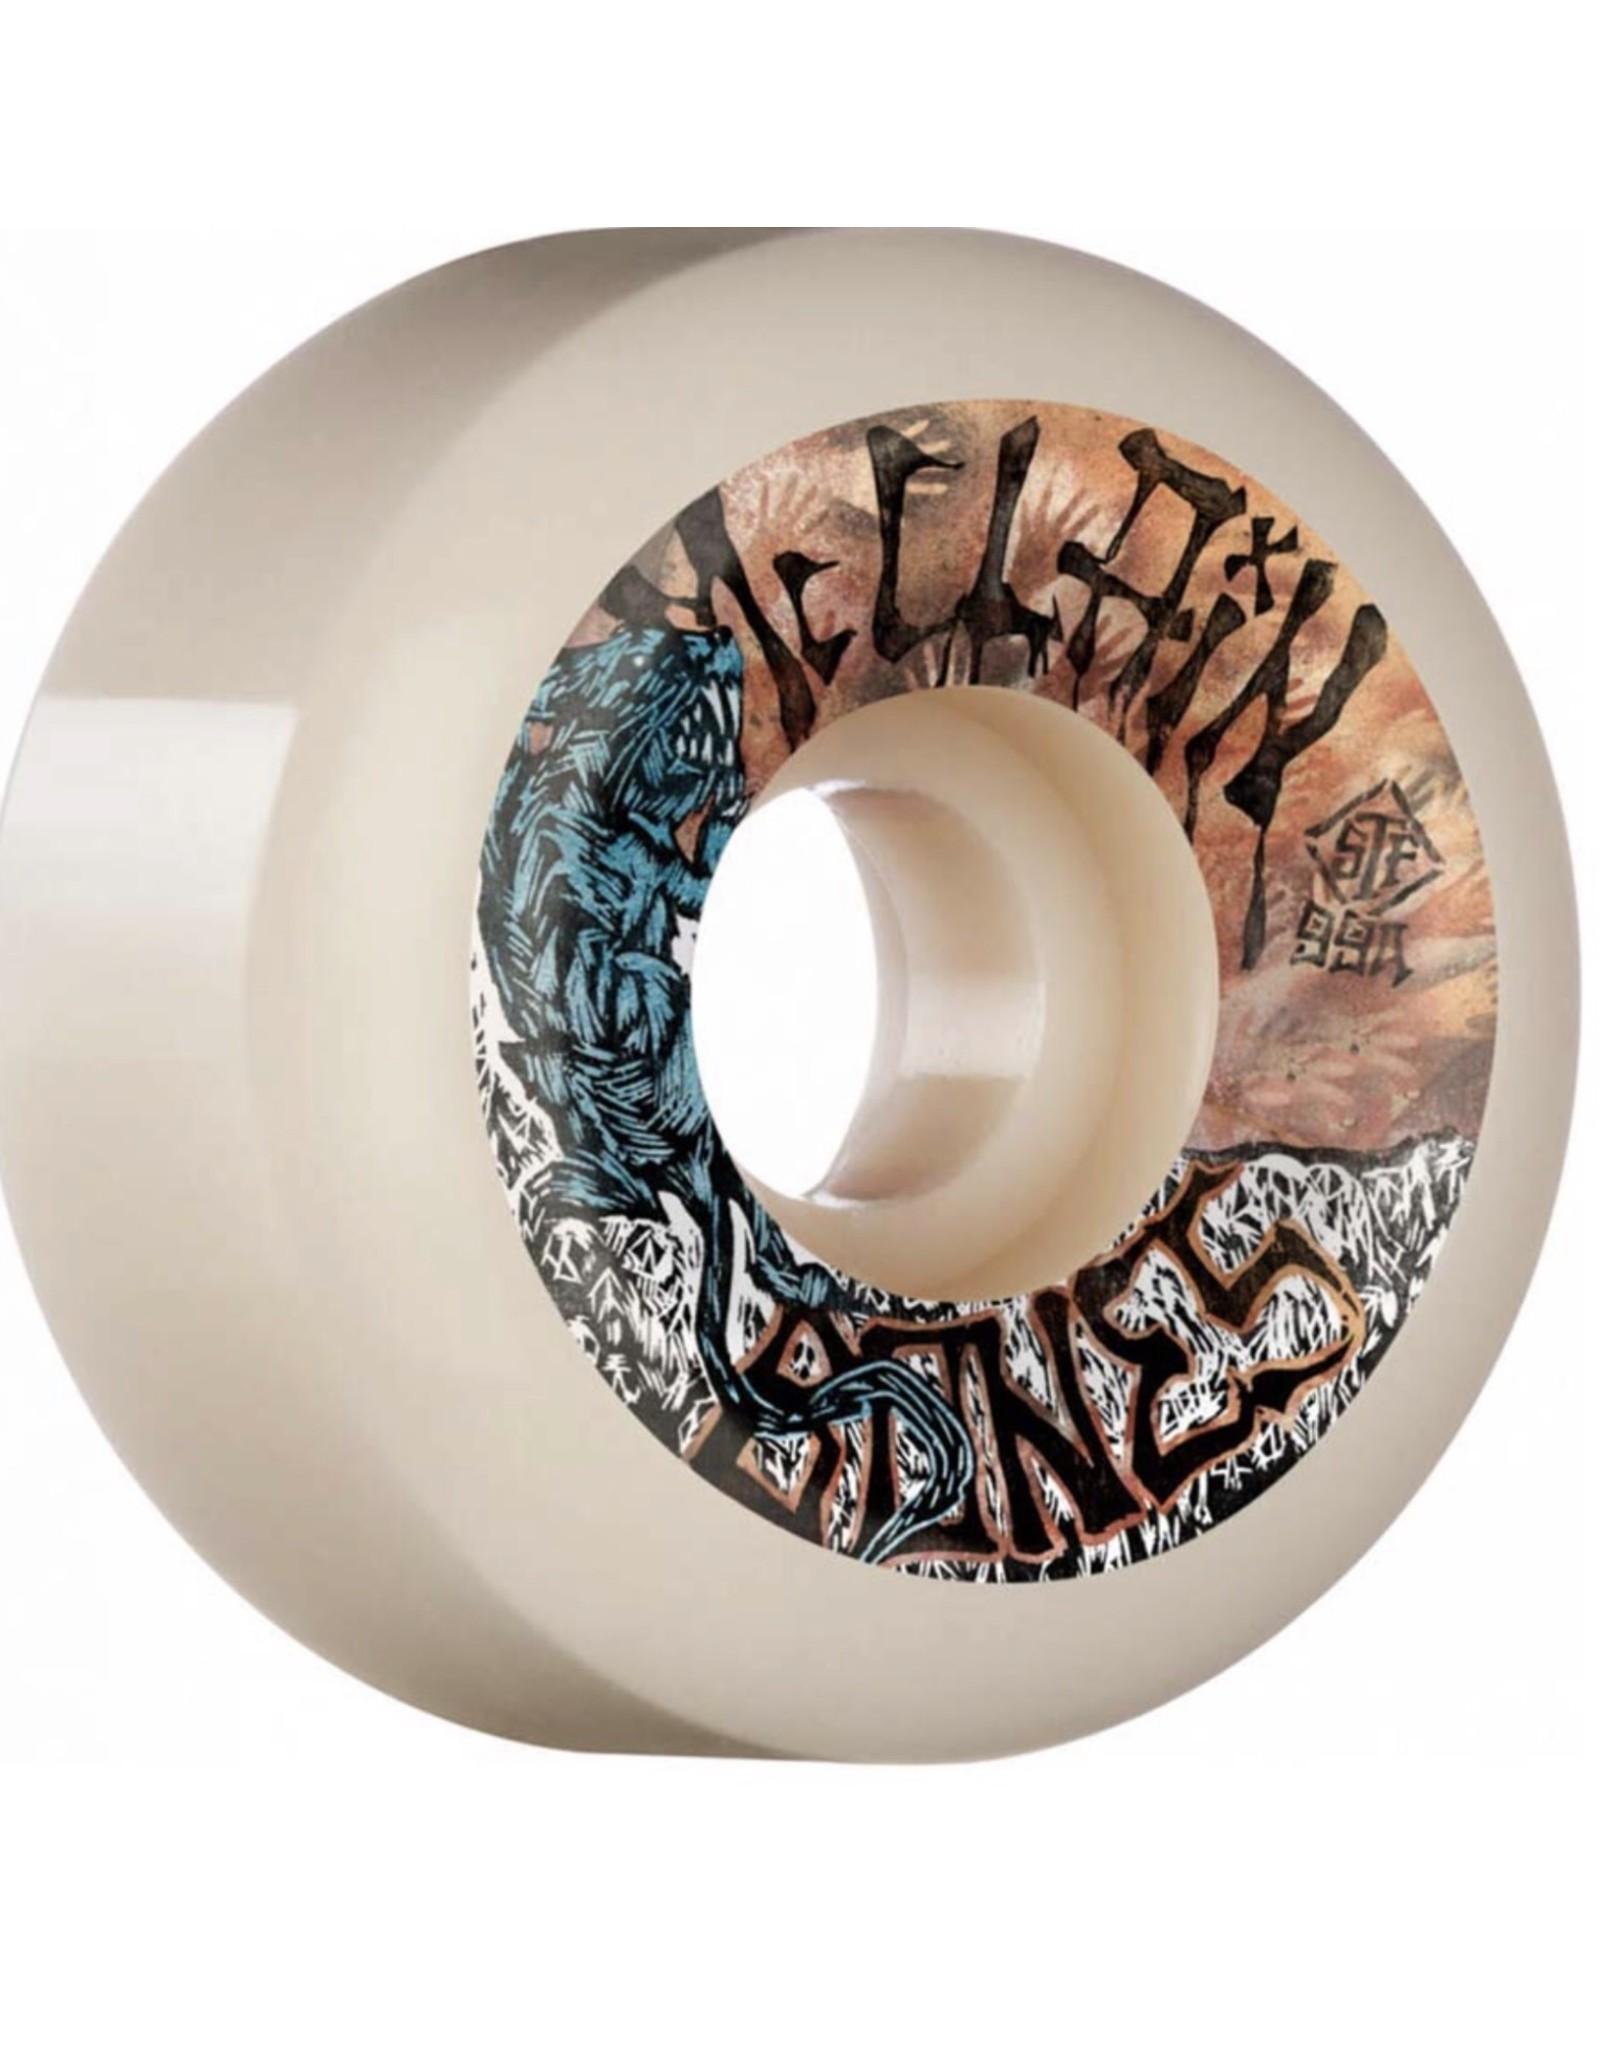 BONES McClain Primal (54mm)